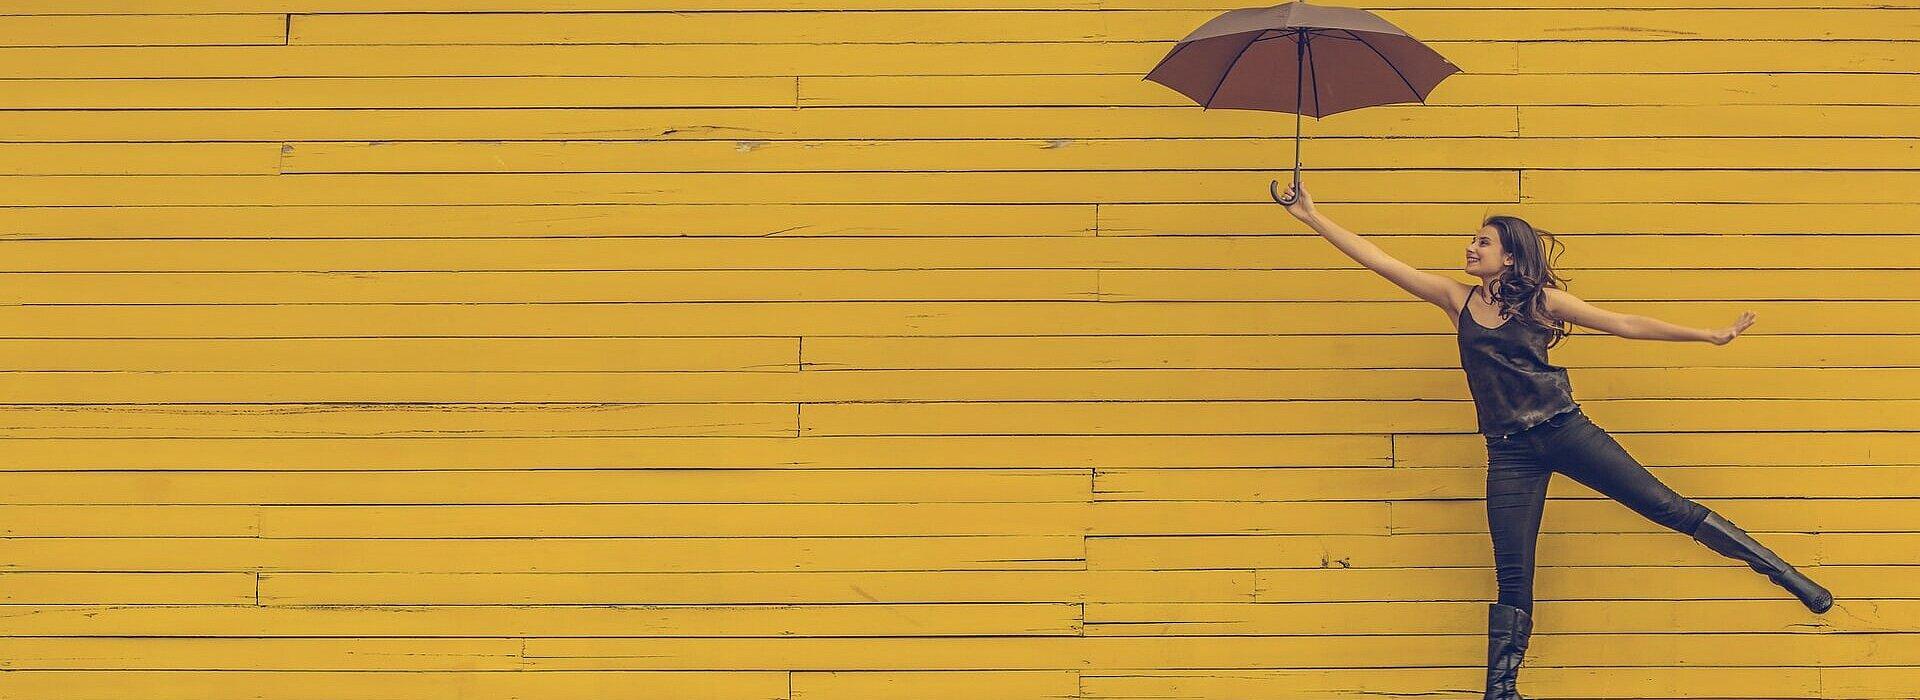 mulher segurando um guarda-chuva e pulando em um fundo de parede amarela